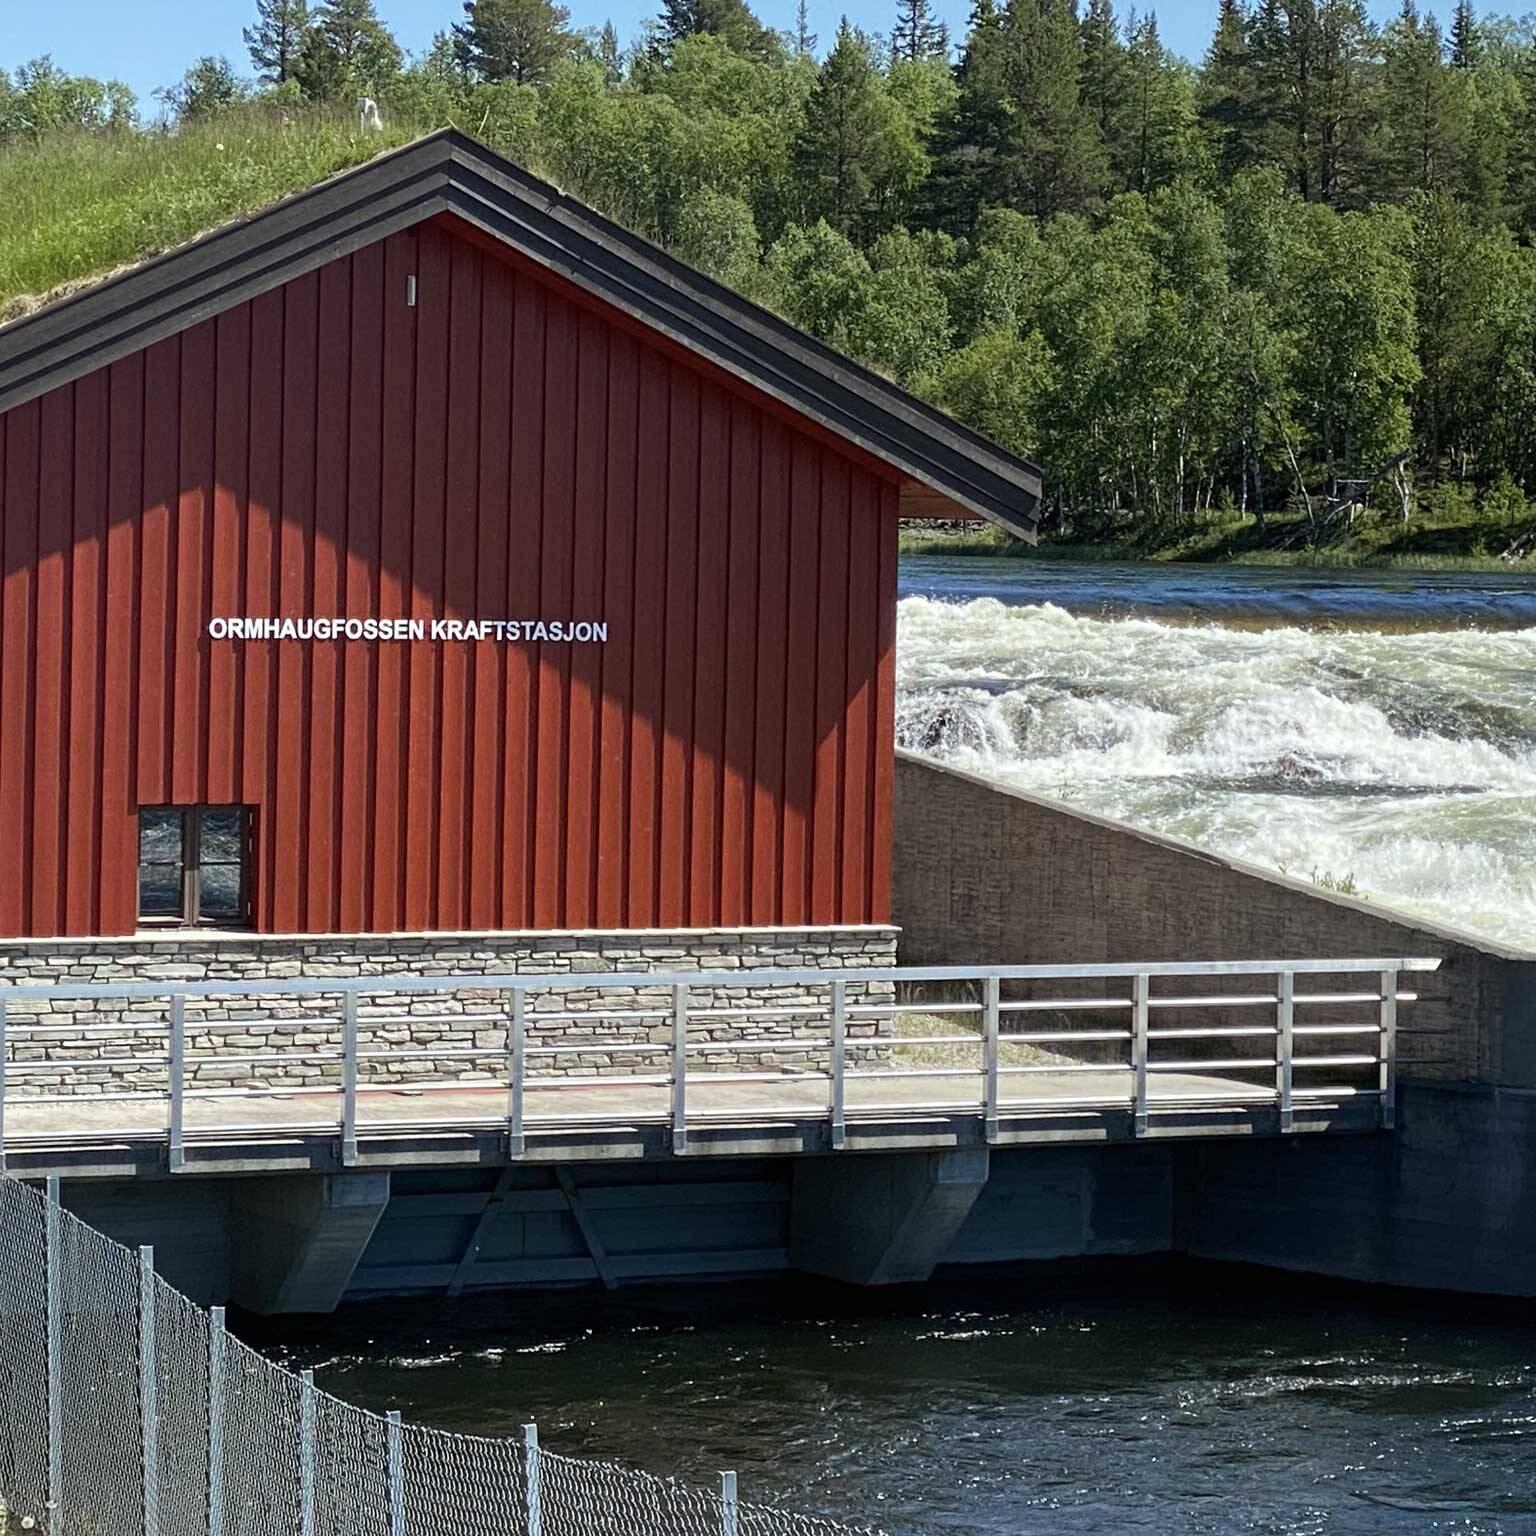 Ormhaugfossen kraftverk kom i drift i 2008, og har fått pris for skånsomhet i naturen. Ormhaugfossen produserer rundt 7 GWh årlig. Foto: Ren Røros